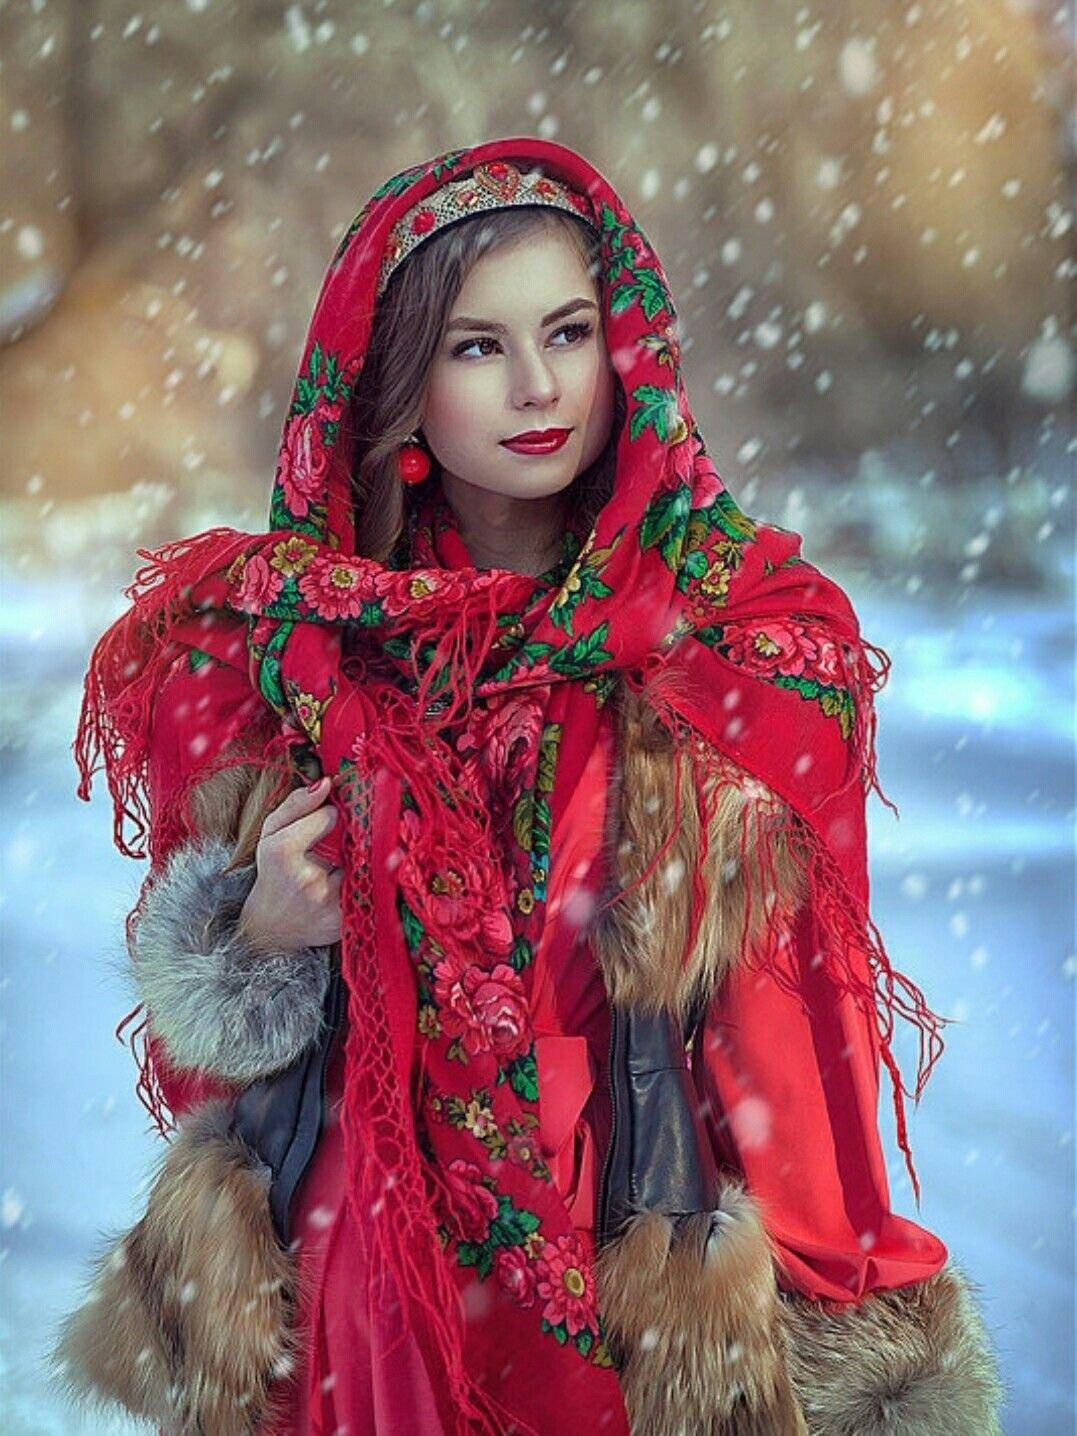 Украинский народный образ для зимней фотосессии вам успехов